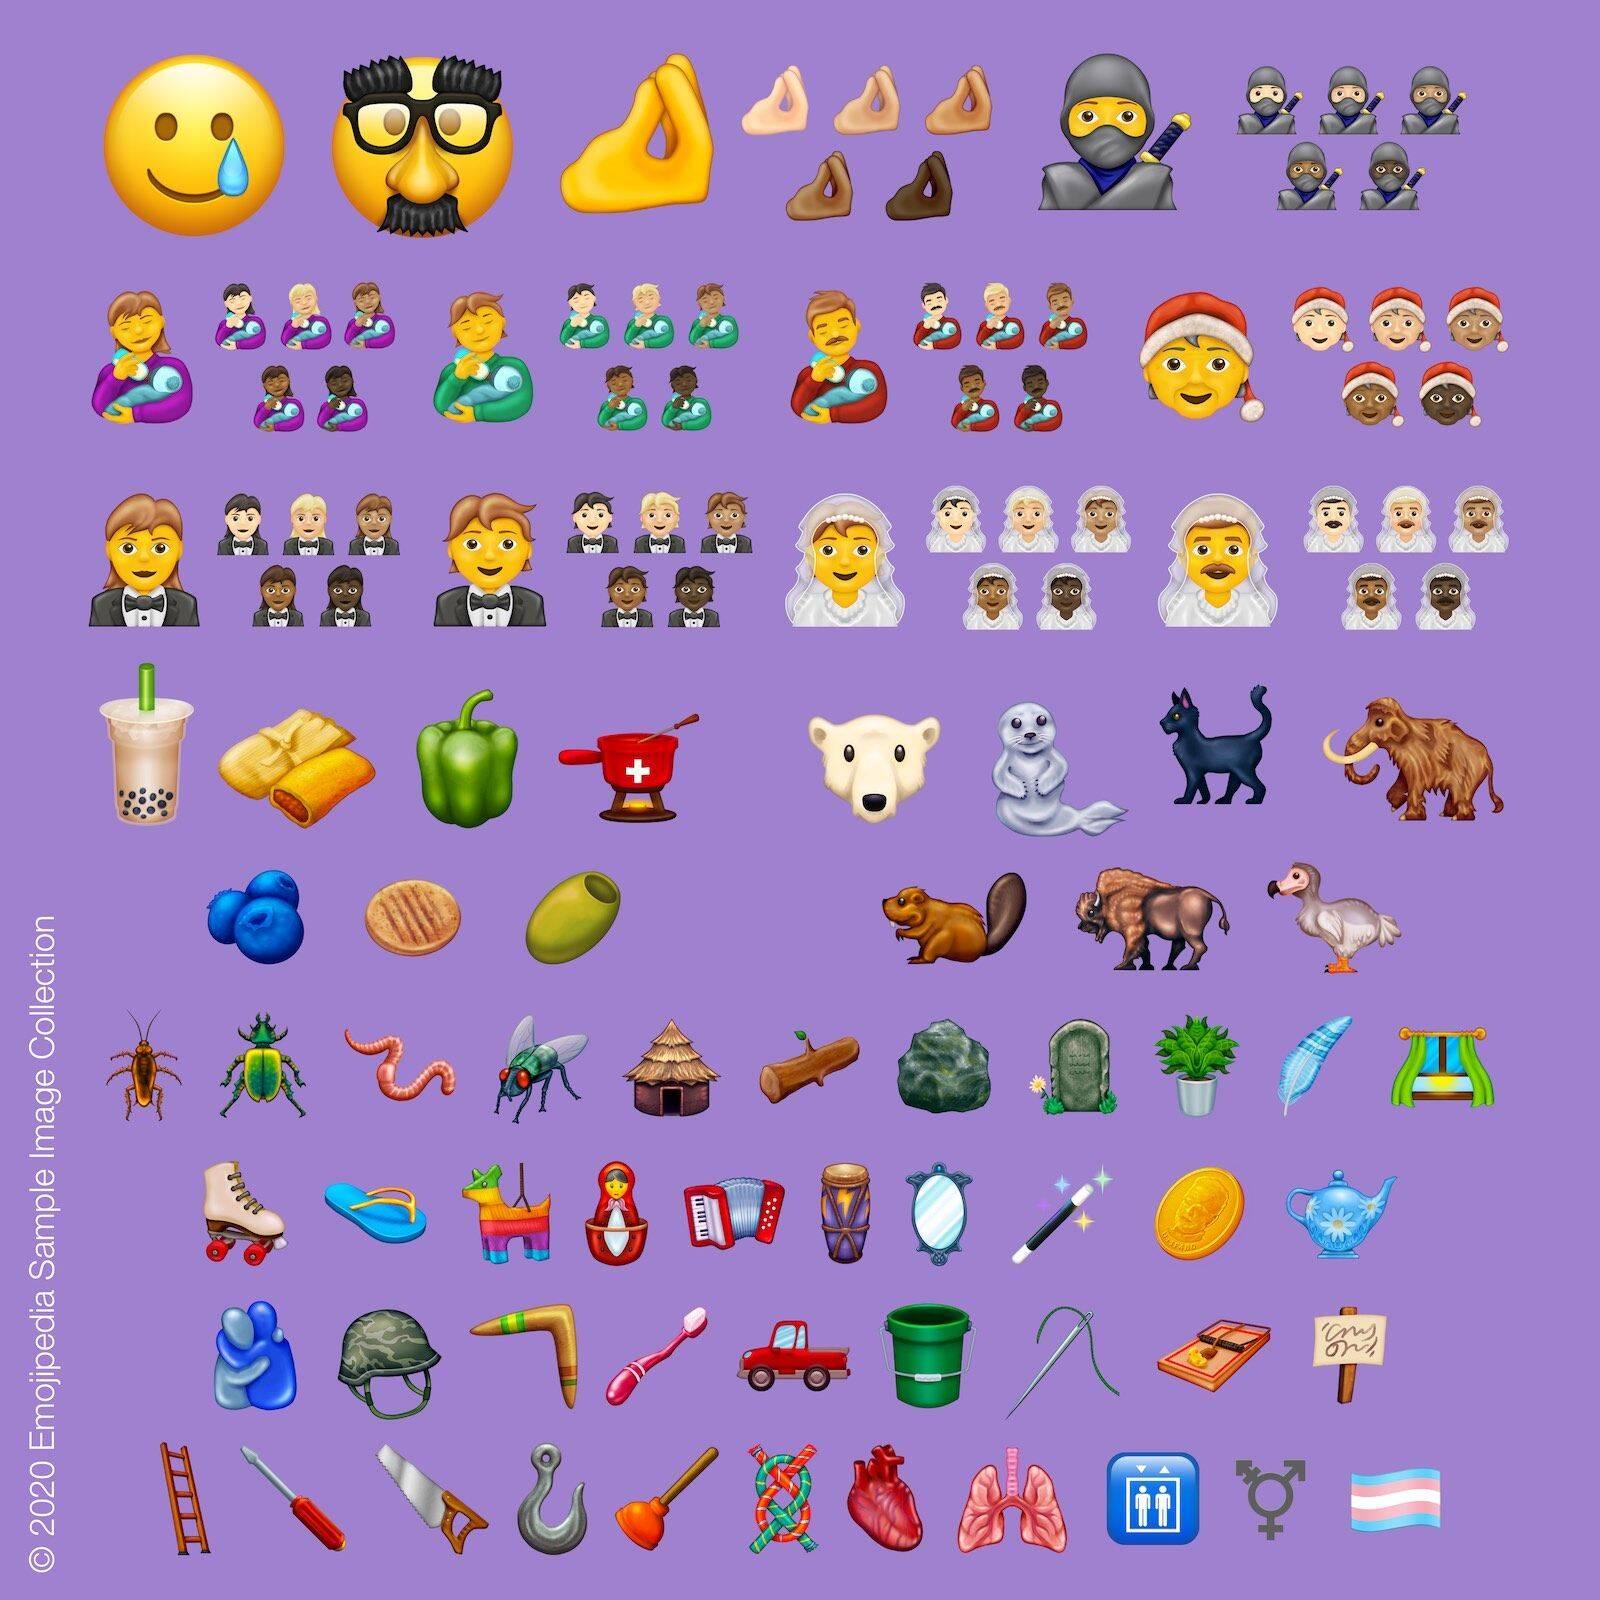 Unicode revela novos emojis para 2020